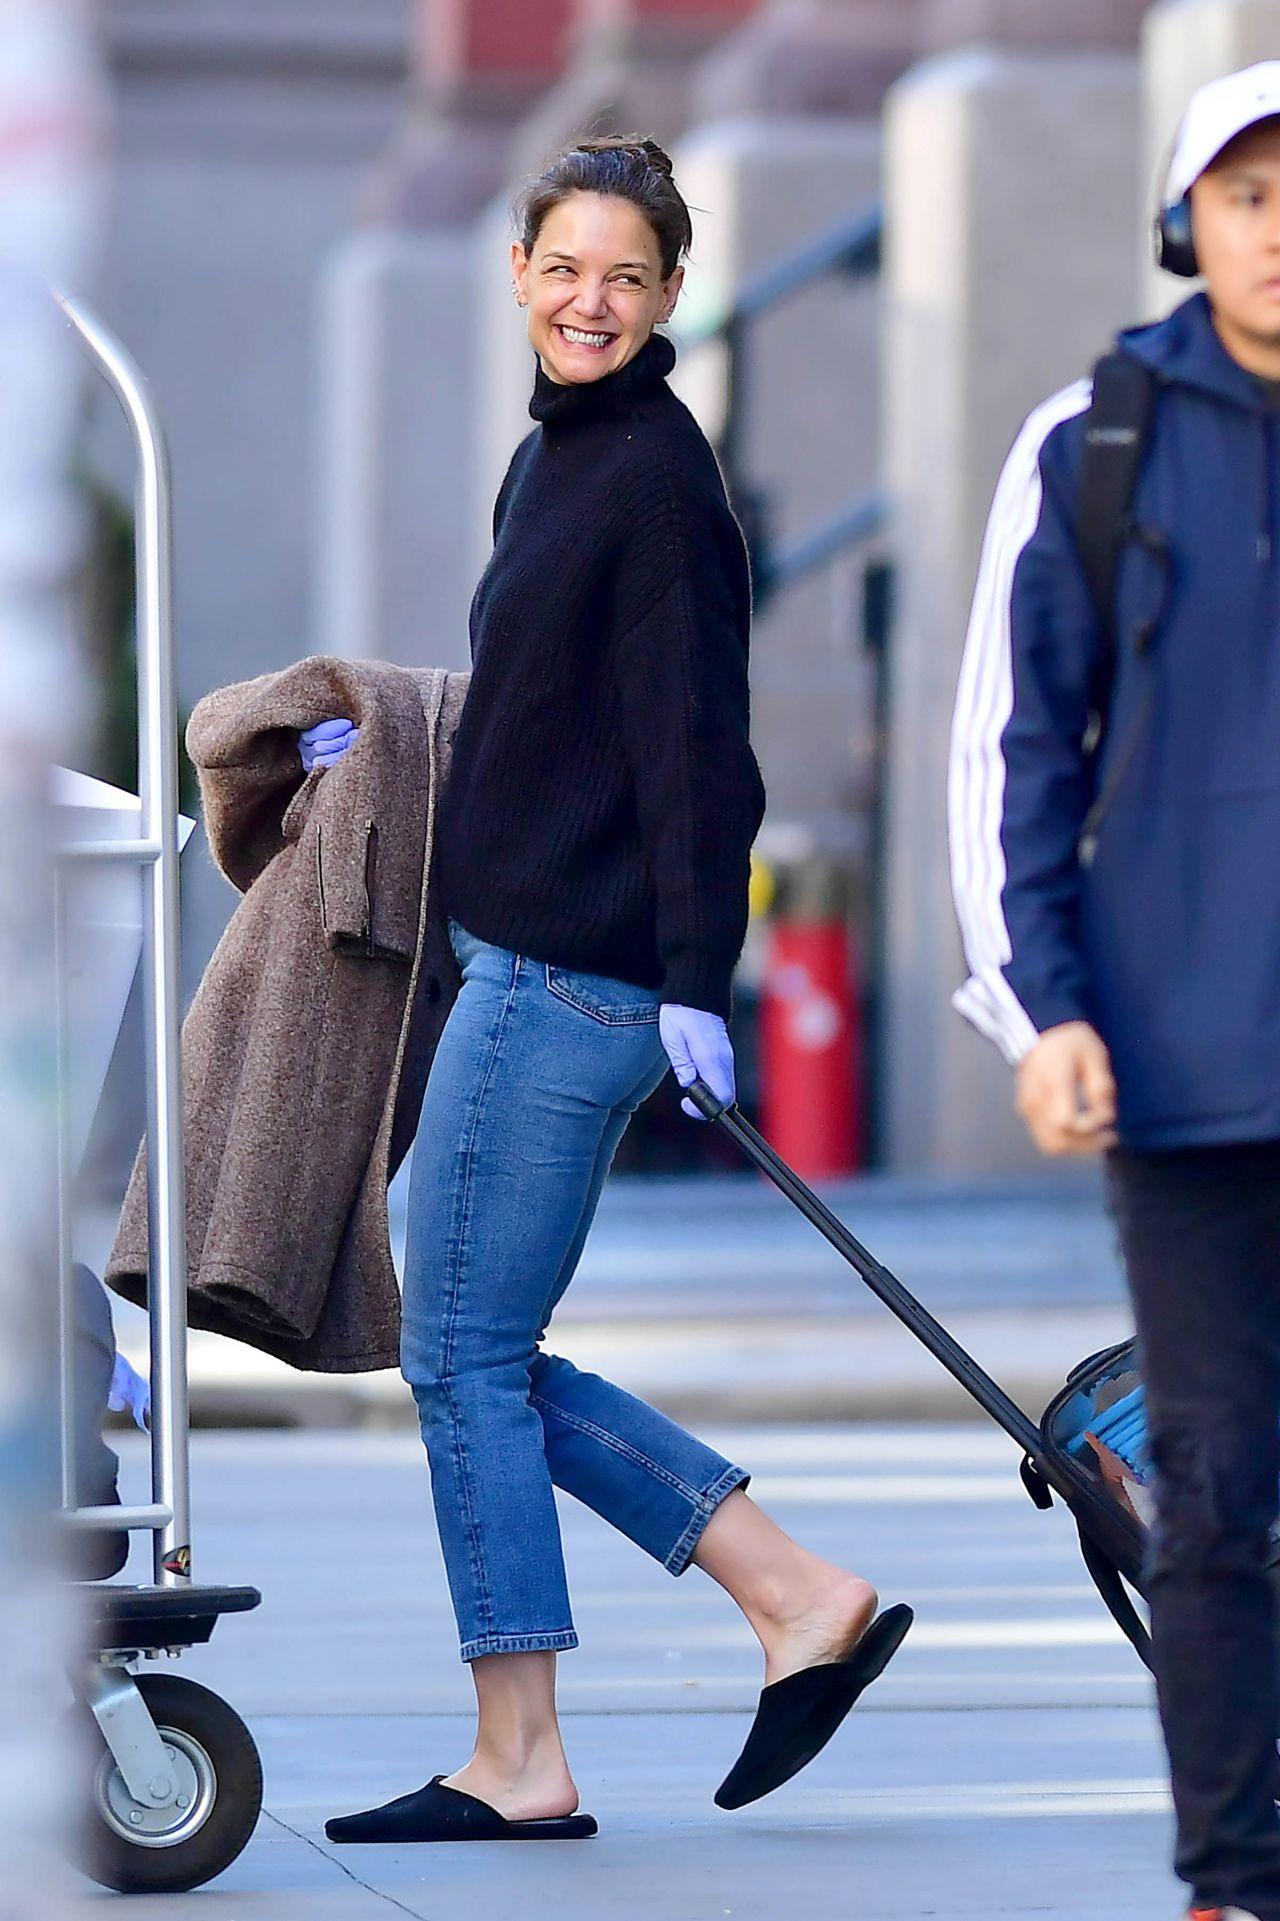 凯蒂·赫尔姆斯(Katie Holmes)-在纽约离开家03/27/2020